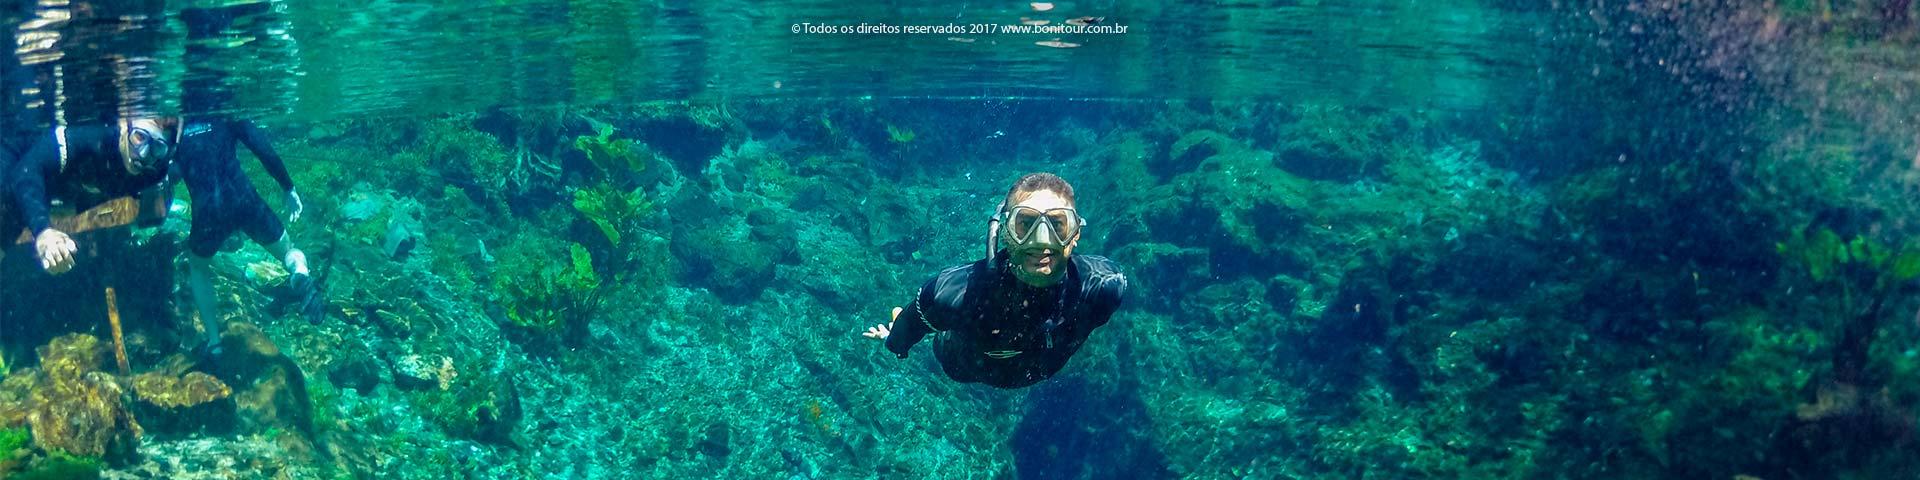 Nascente-Azul-Flutuacao-Bonitour-Passeios-em-Bonito-MS-1106_1094.jpg